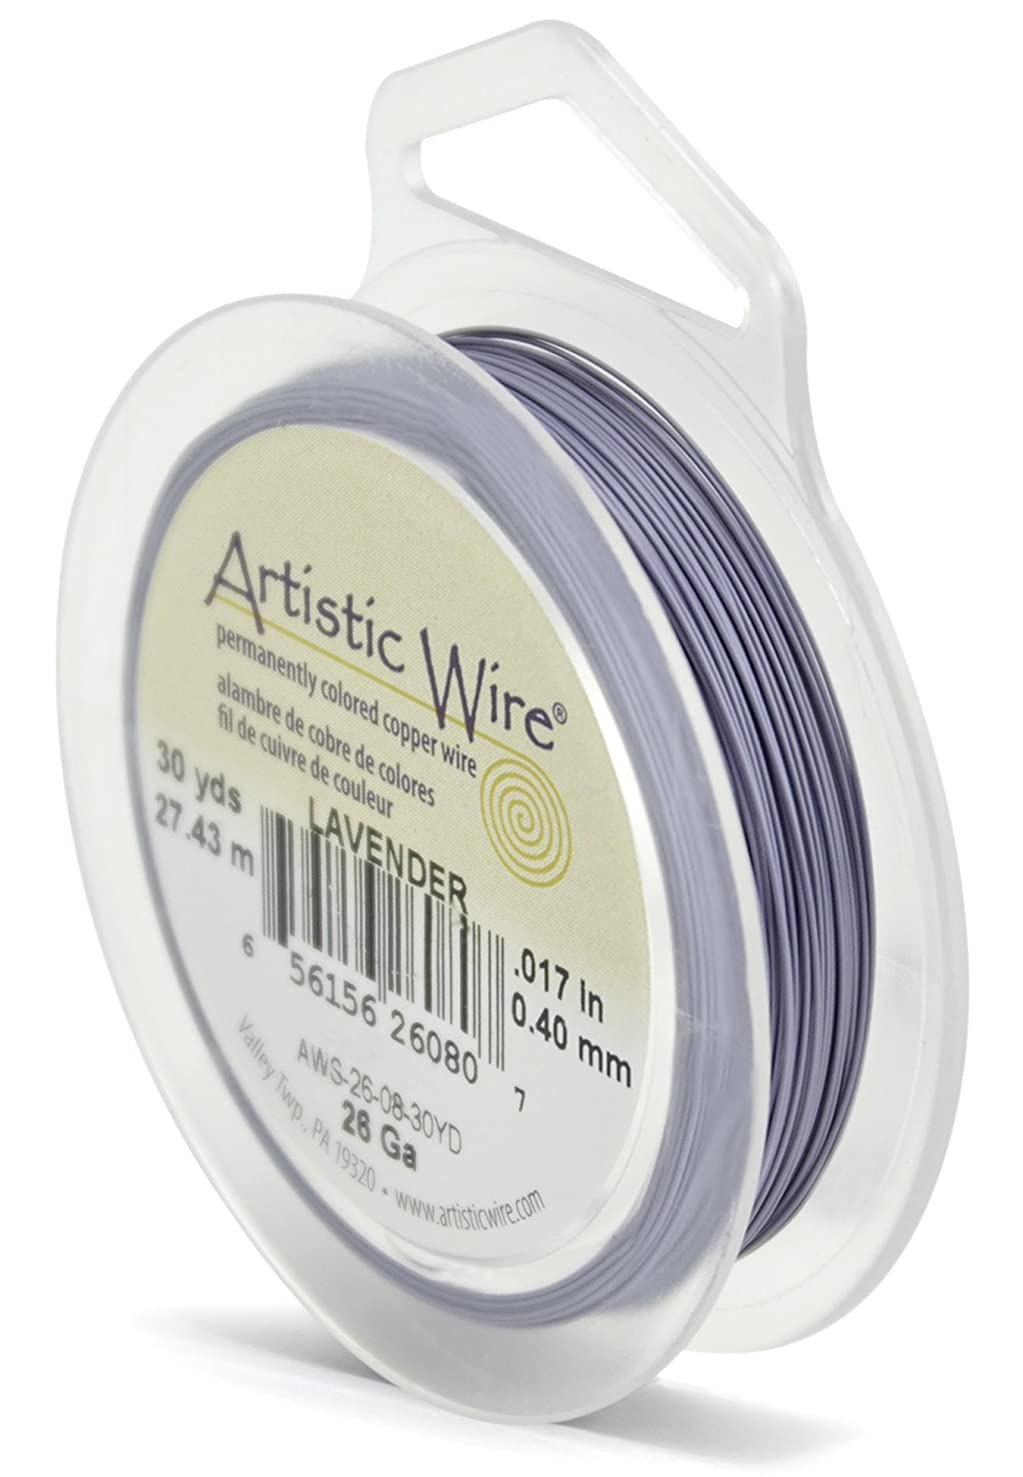 Artistic Wire 26-Gauge Lavender Wire, 30-Yards